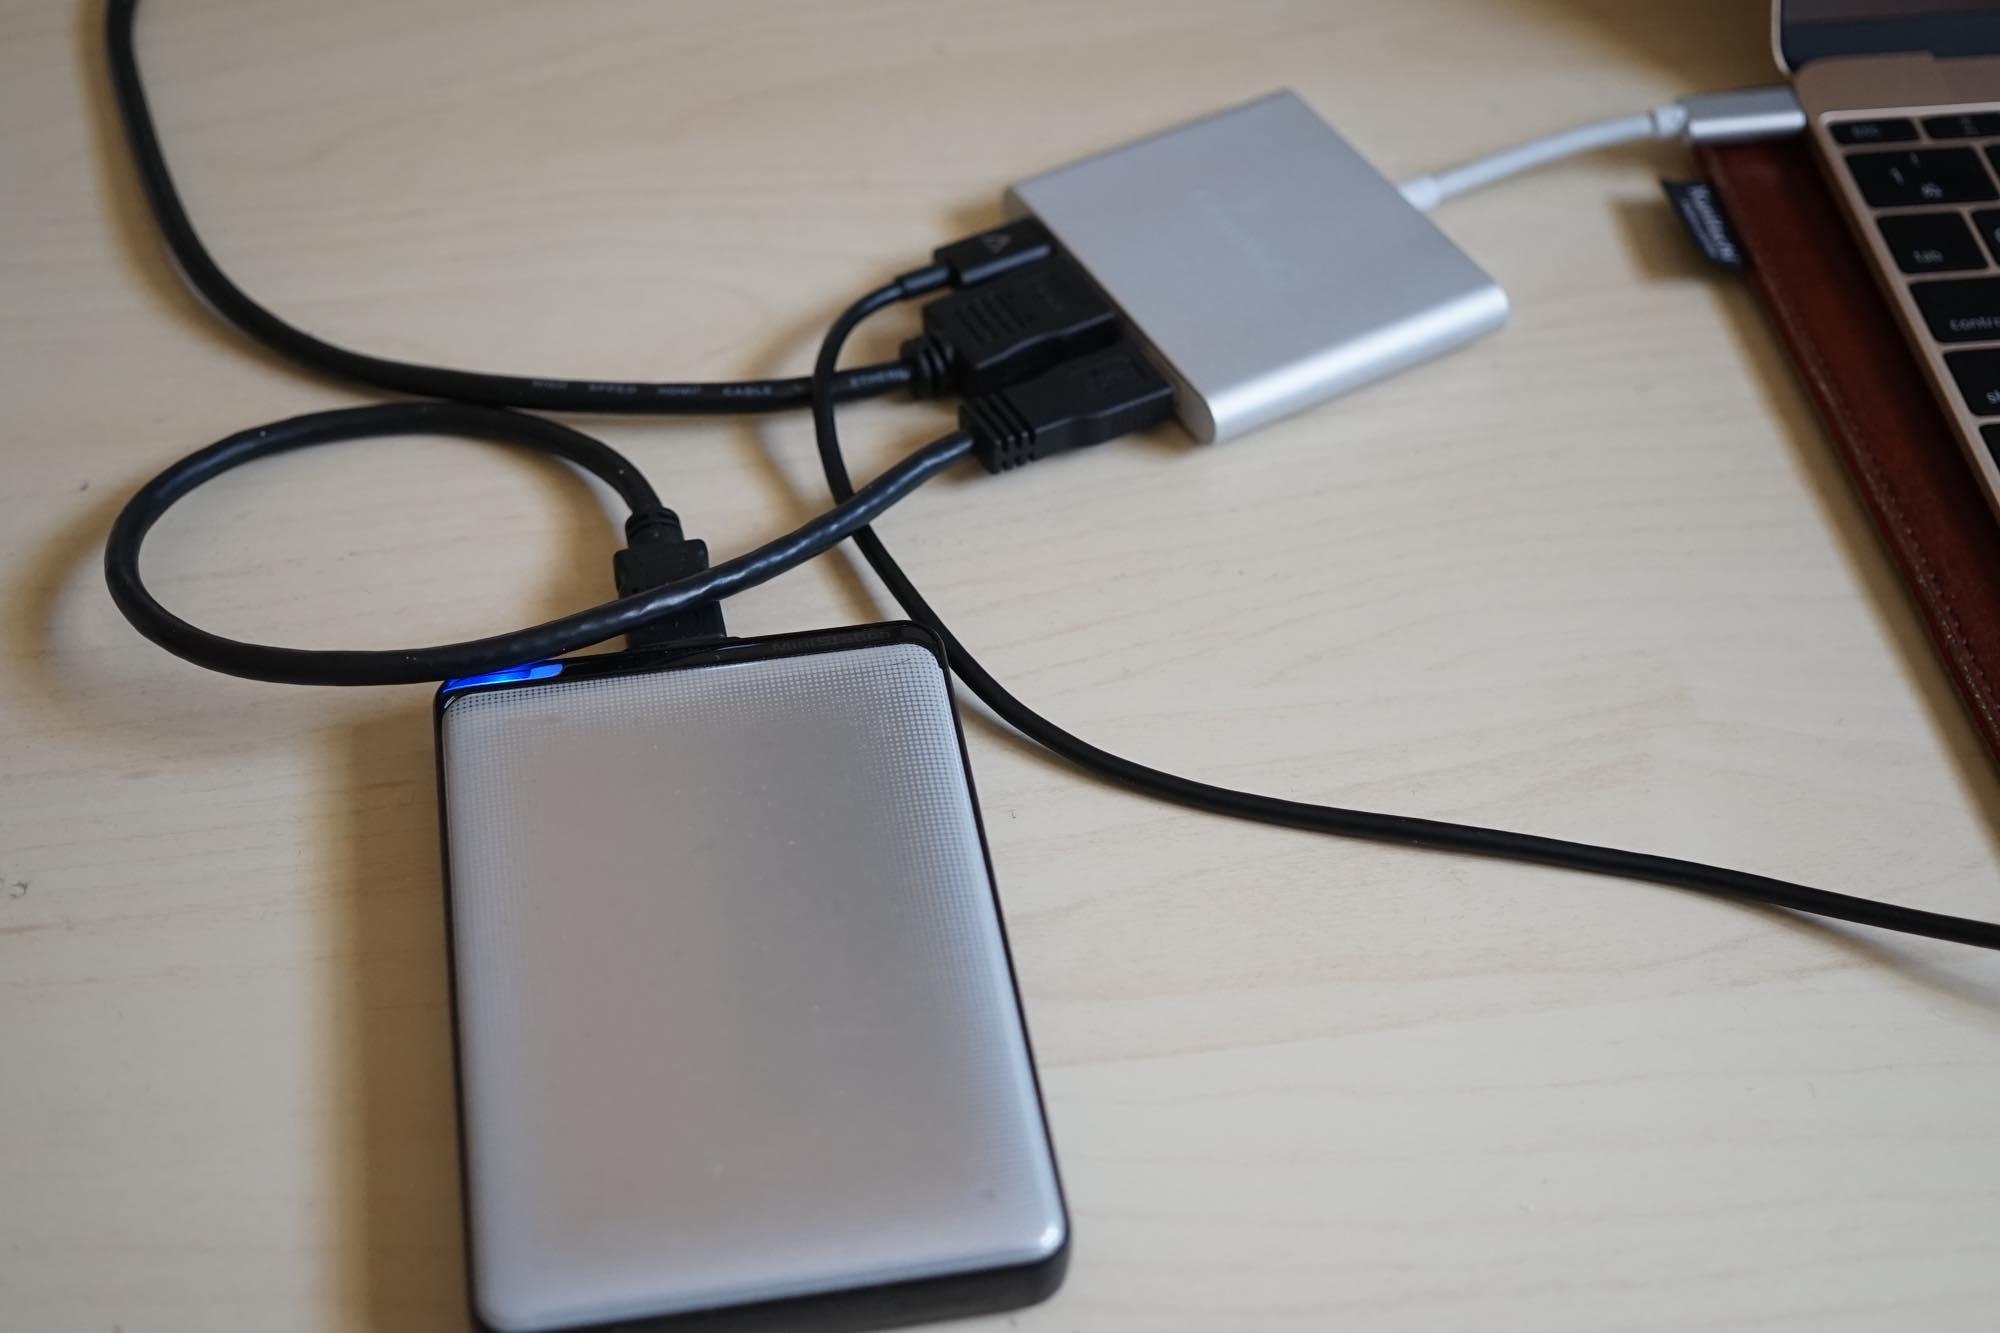 macbook-multiport8